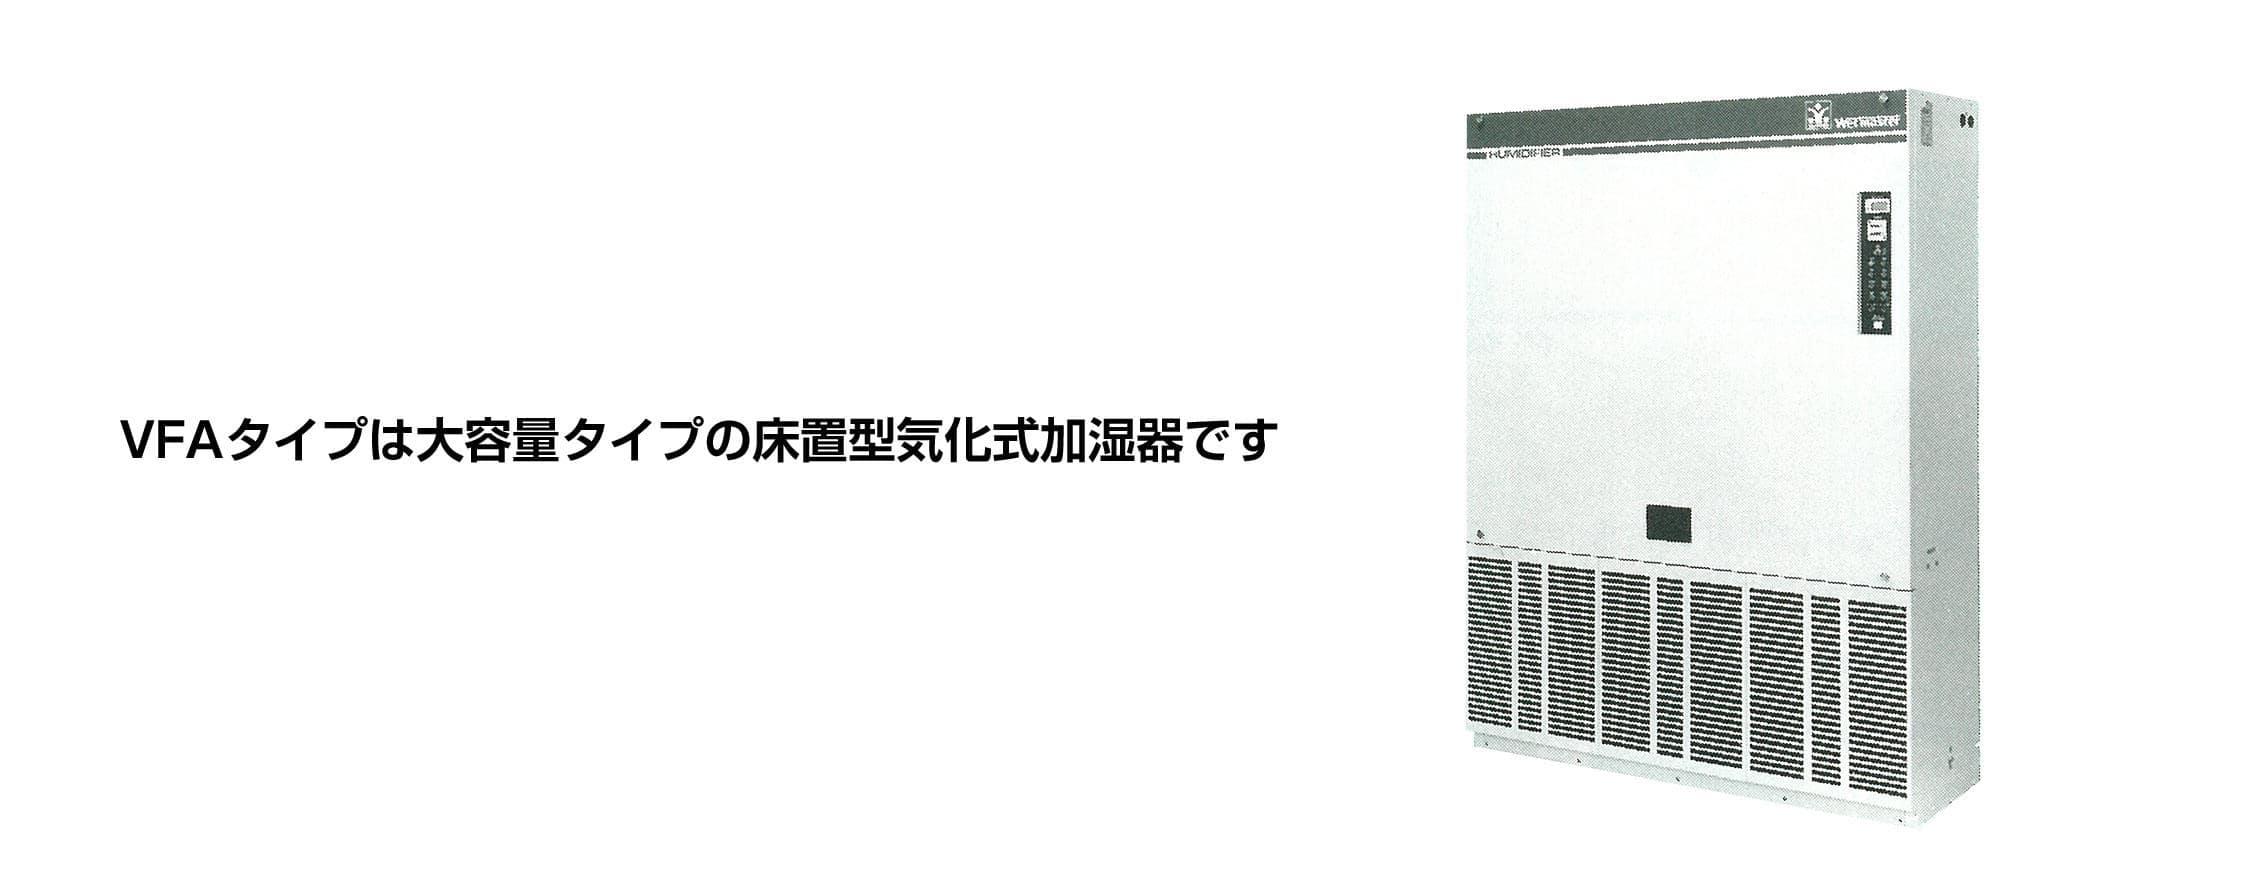 滴下浸透気化式加湿器 / 回転気化式加湿器VFA